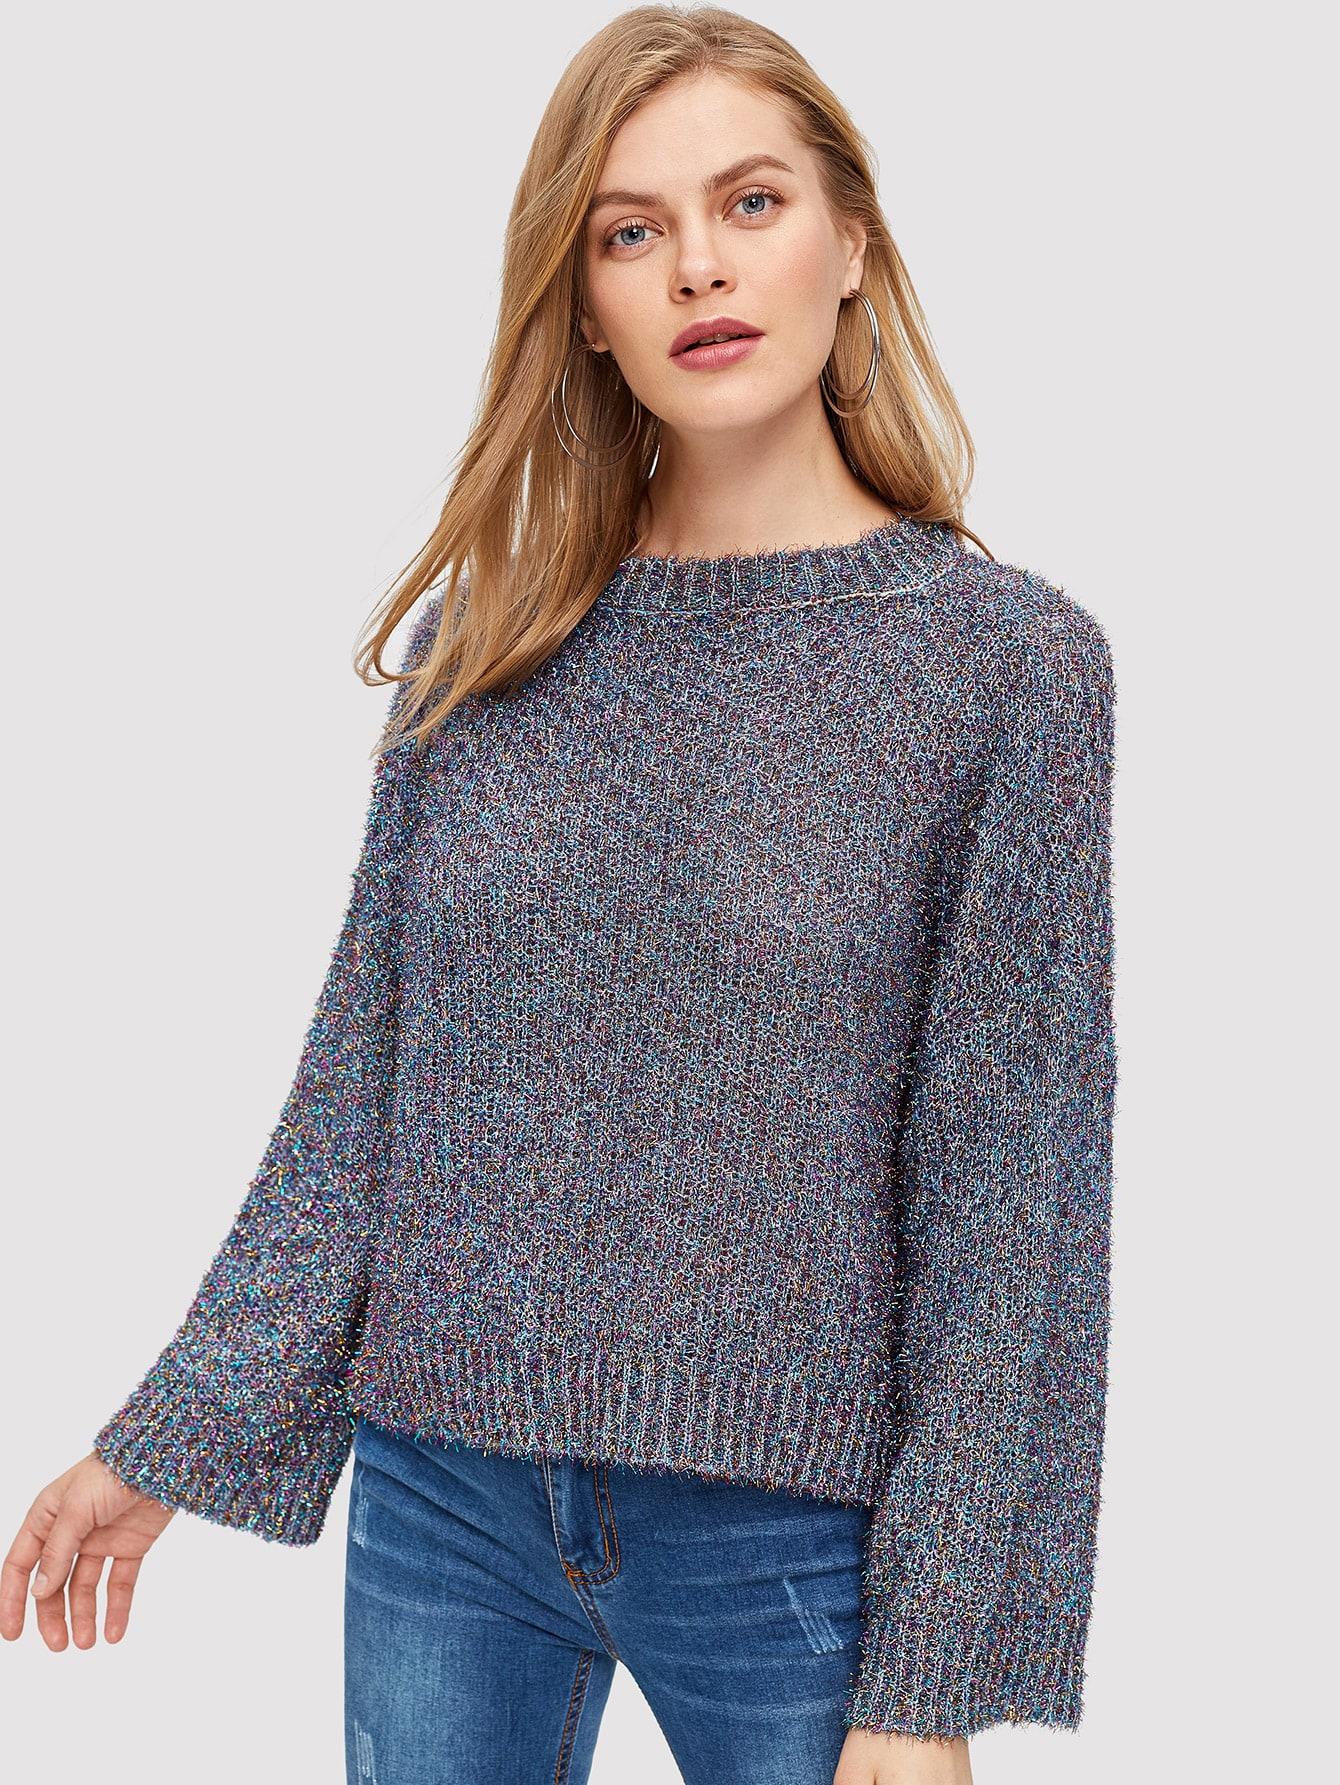 Пепельный свитер с вязяной ребристой отделкой, Kate C, SheIn  - купить со скидкой